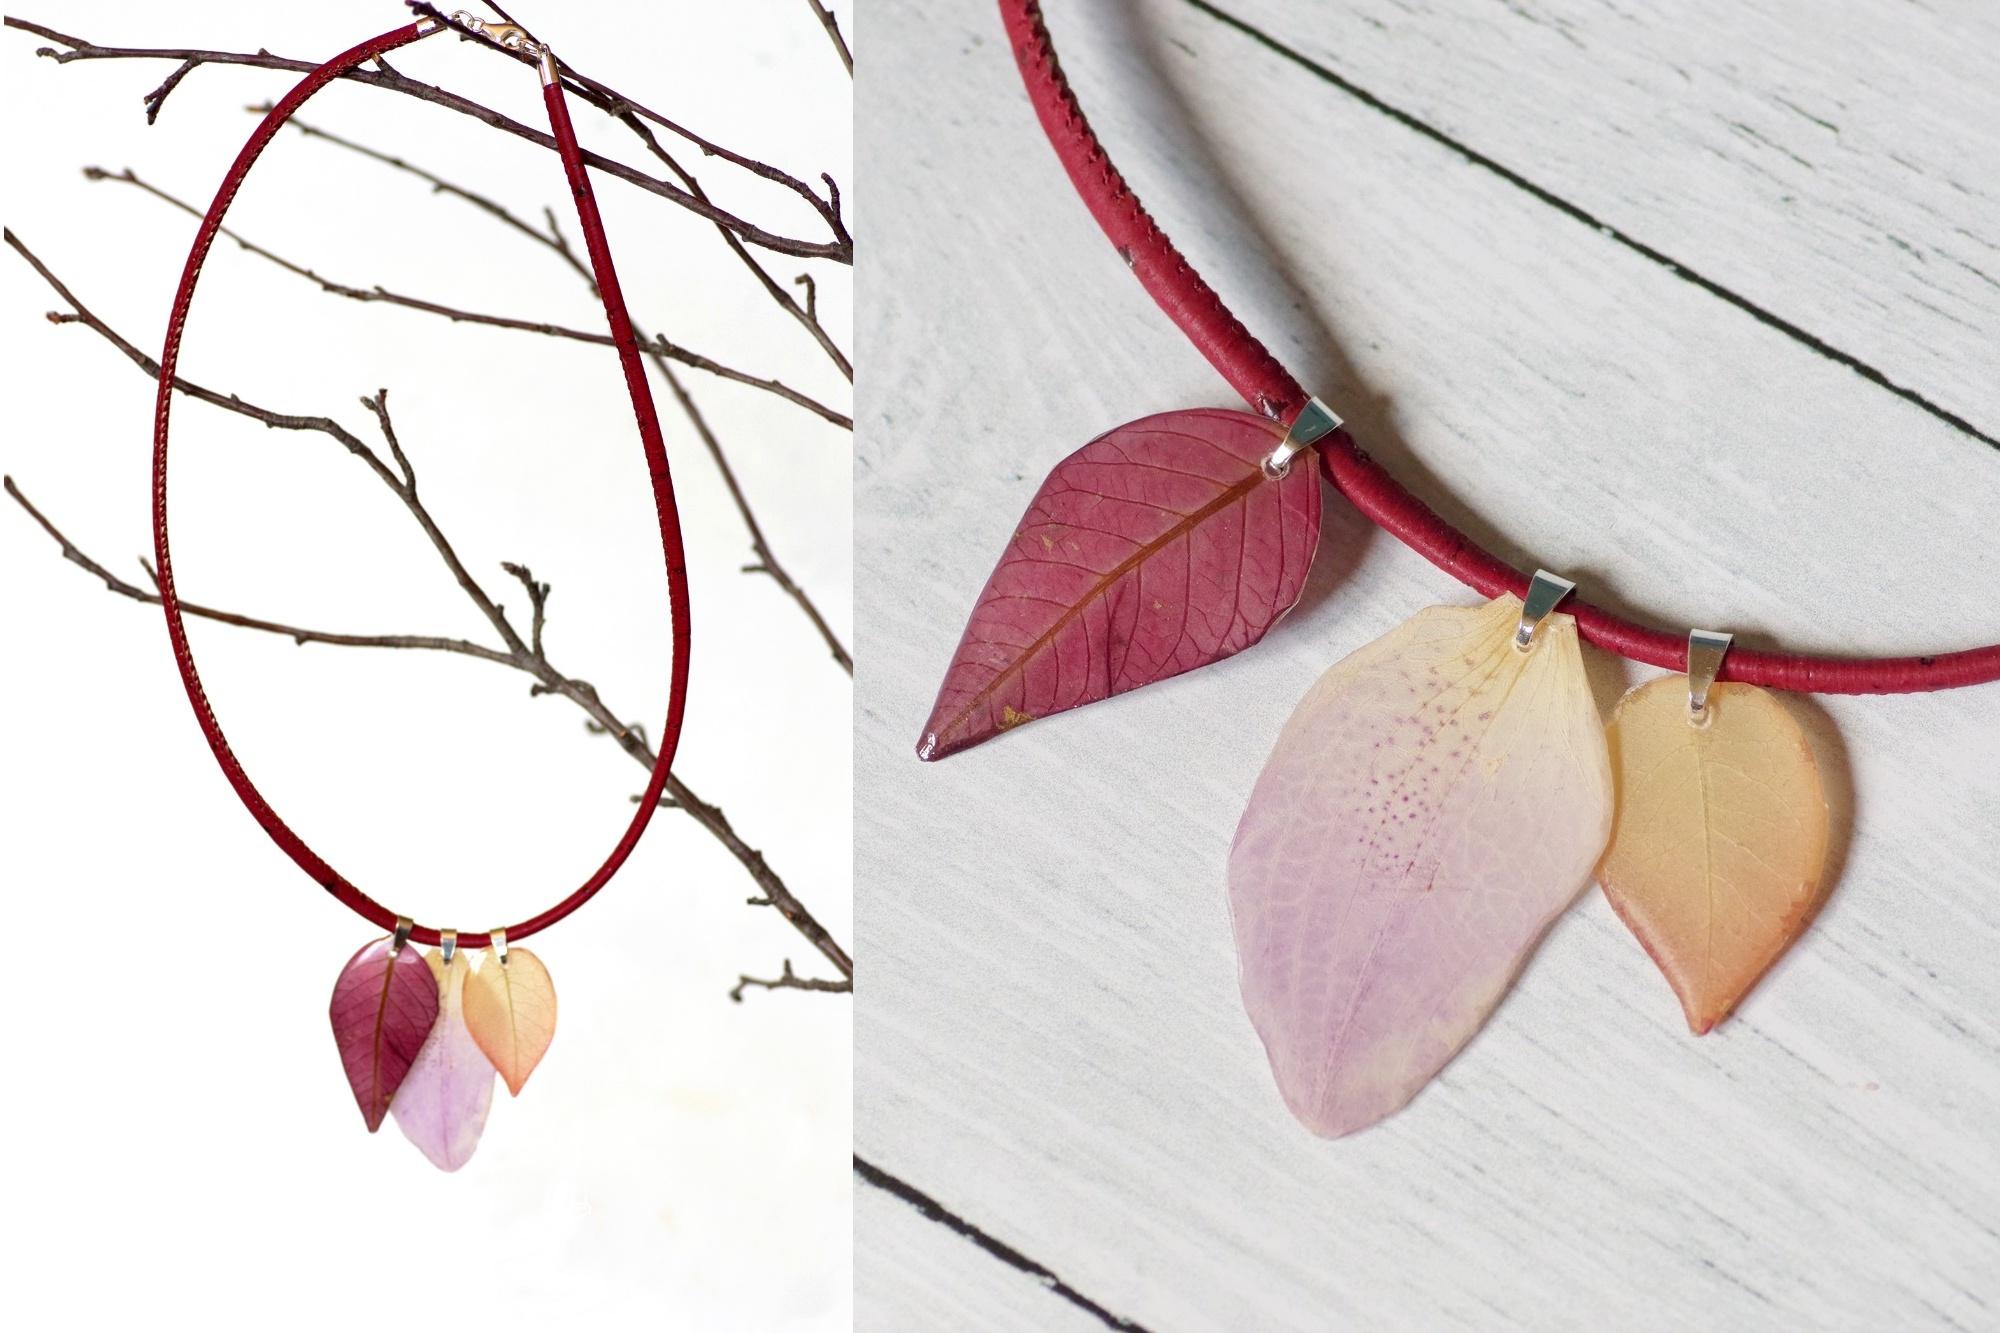 vue générale et détails d'un collier en liège rouge avec trois pendentifs végétaux poinsétia, bougainvillée et orchidée